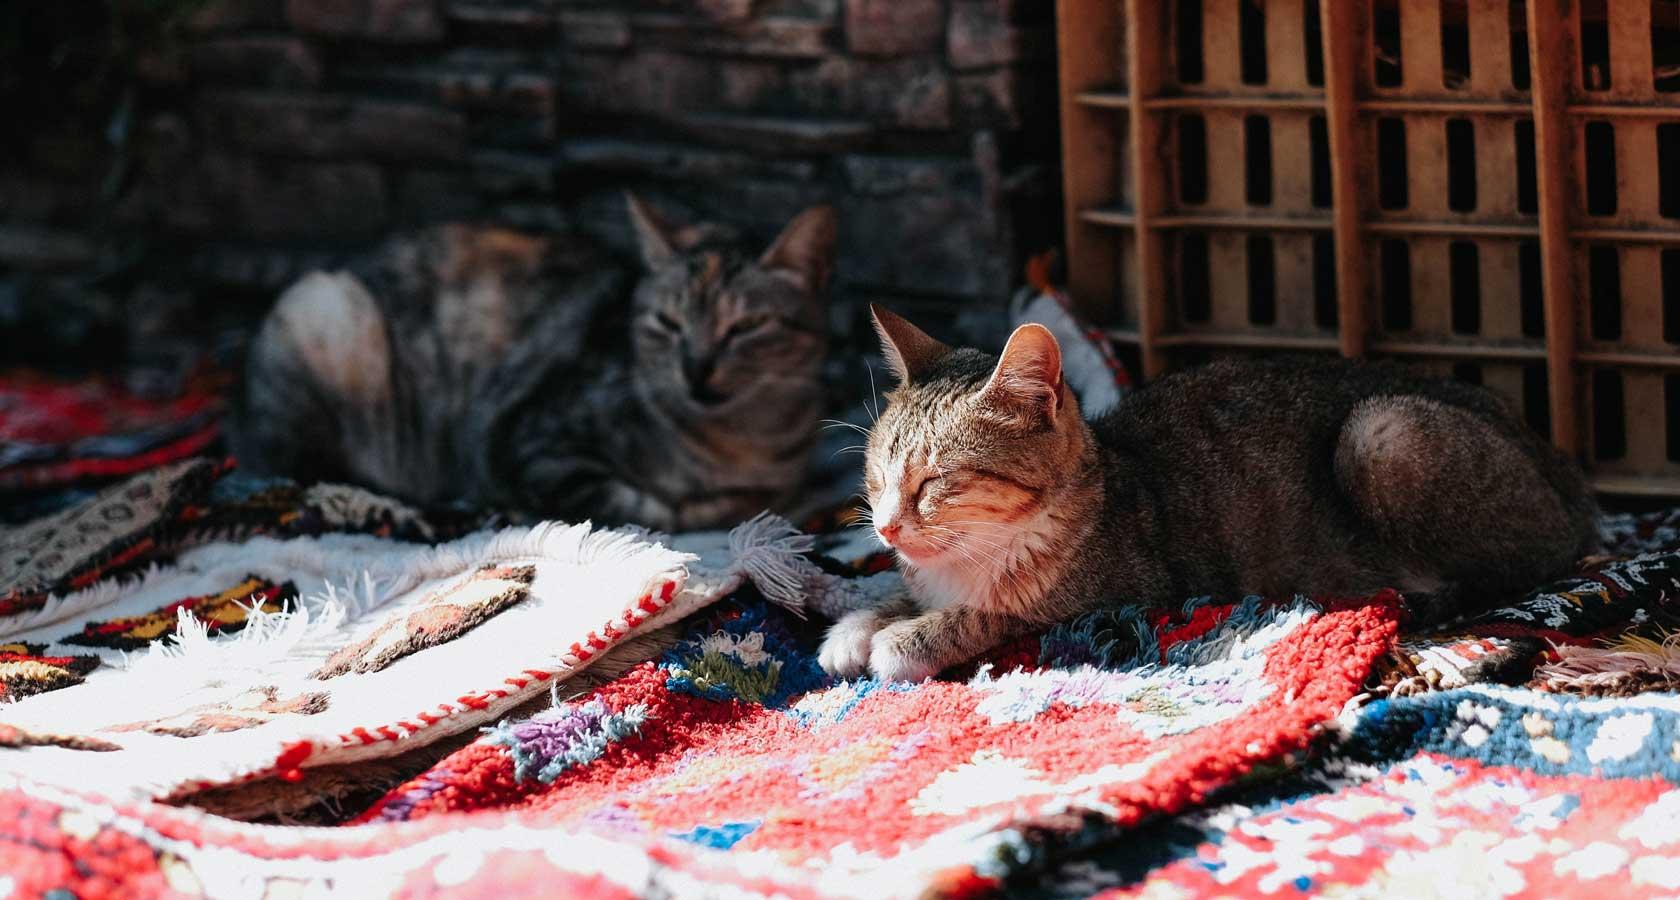 марокко уличные коты в лавках торговцев